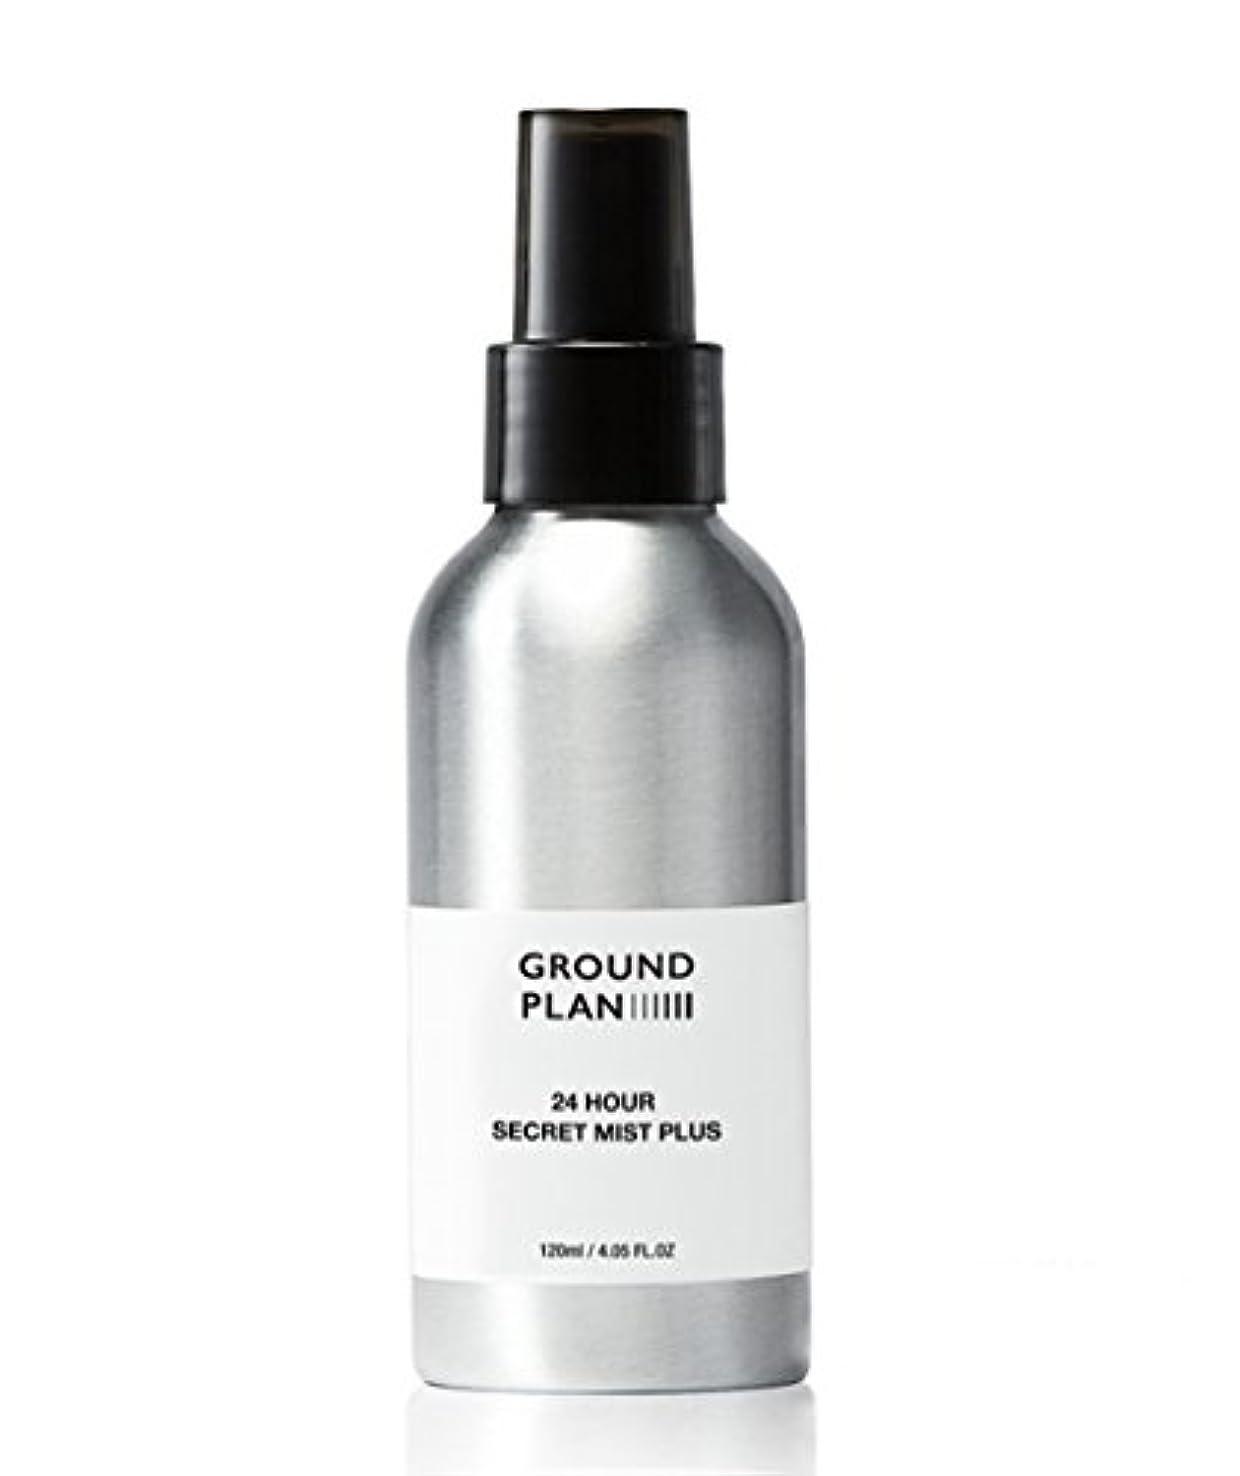 ドライブ白いグリル[グラウンド?プラン] 24Hour 秘密 スキンミスト Plus Ground plan 24 Hour Secret Skin Mist Plus [海外直送品] (300ml)